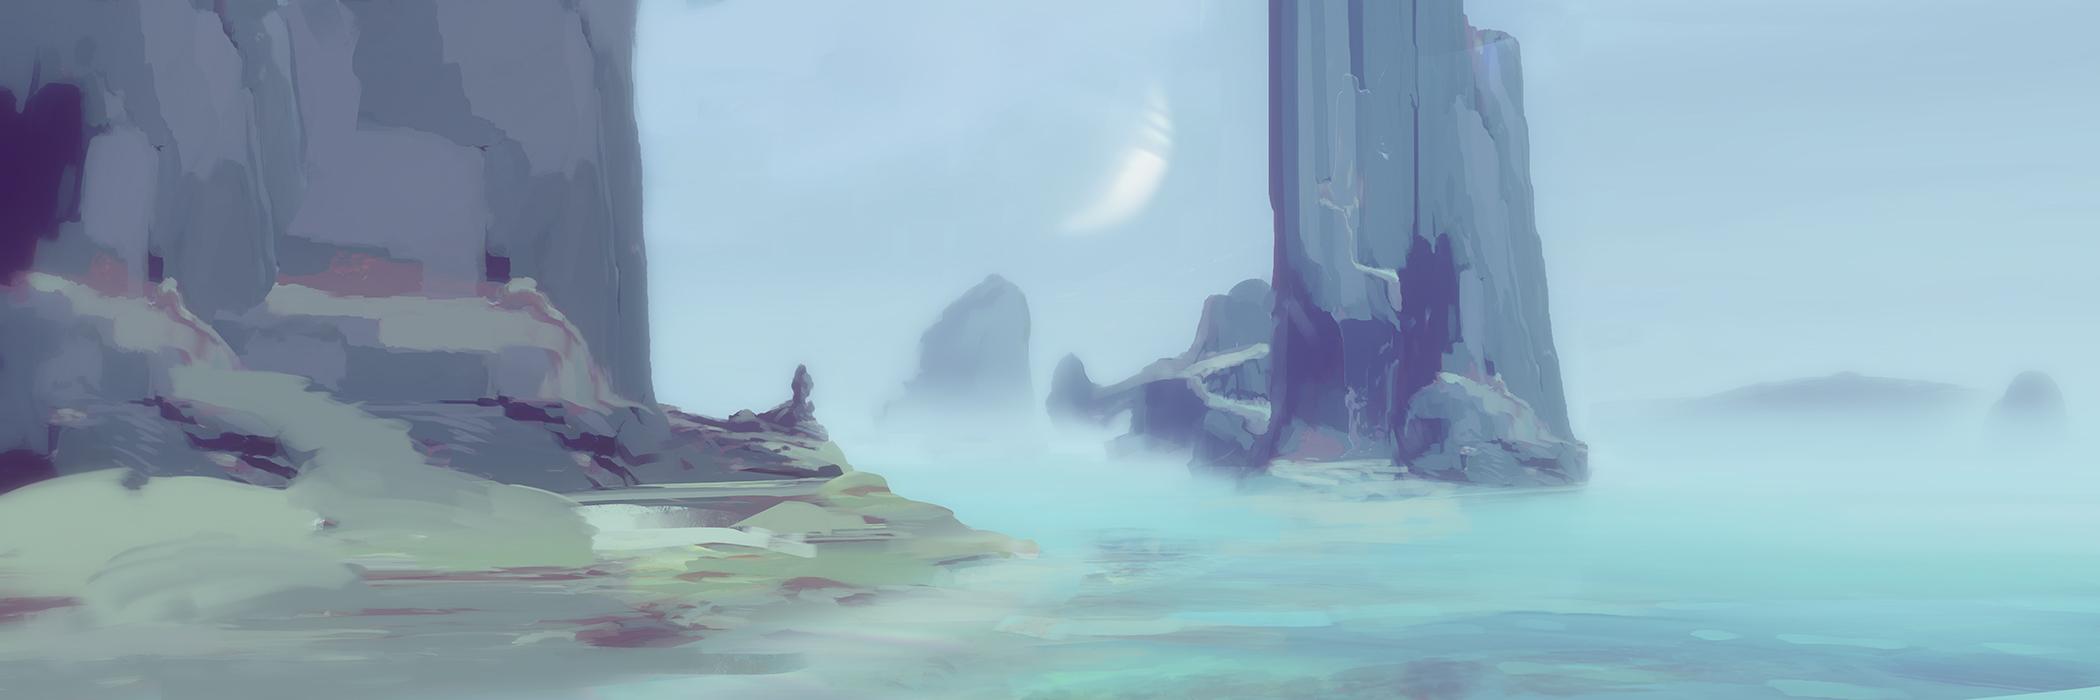 sketch_070.jpg